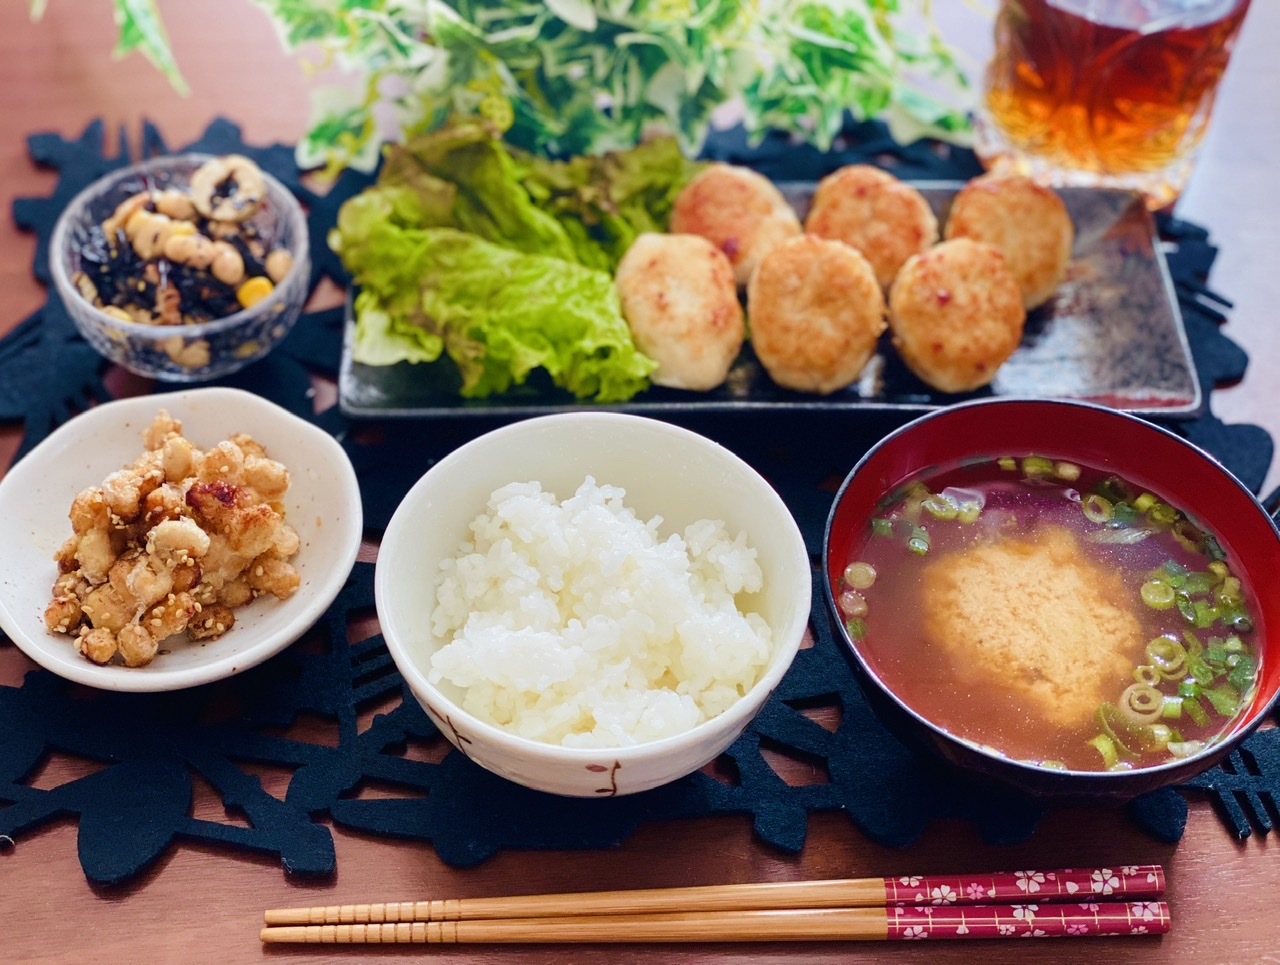 【今月のお家ごはん】アラサー女子の食卓!作り置きおかずでラク晩ご飯♡-Vol.21-_9